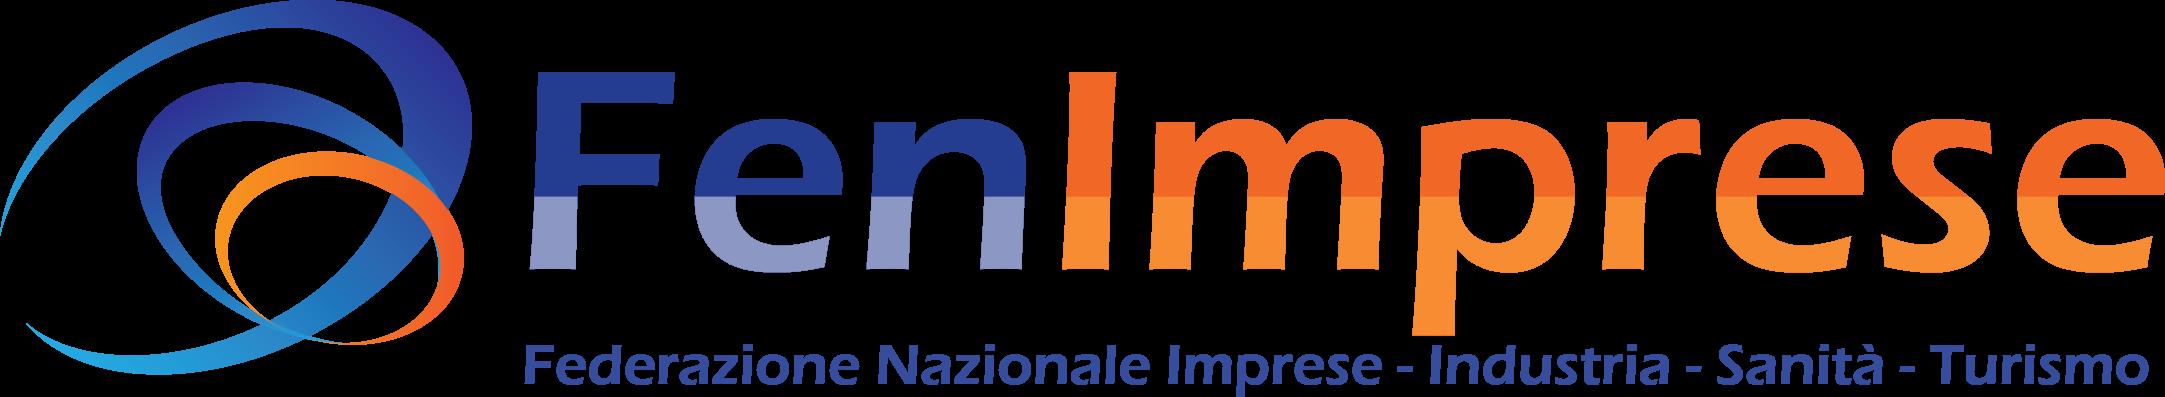 FenImprese – Federazione Nazionale Imprese